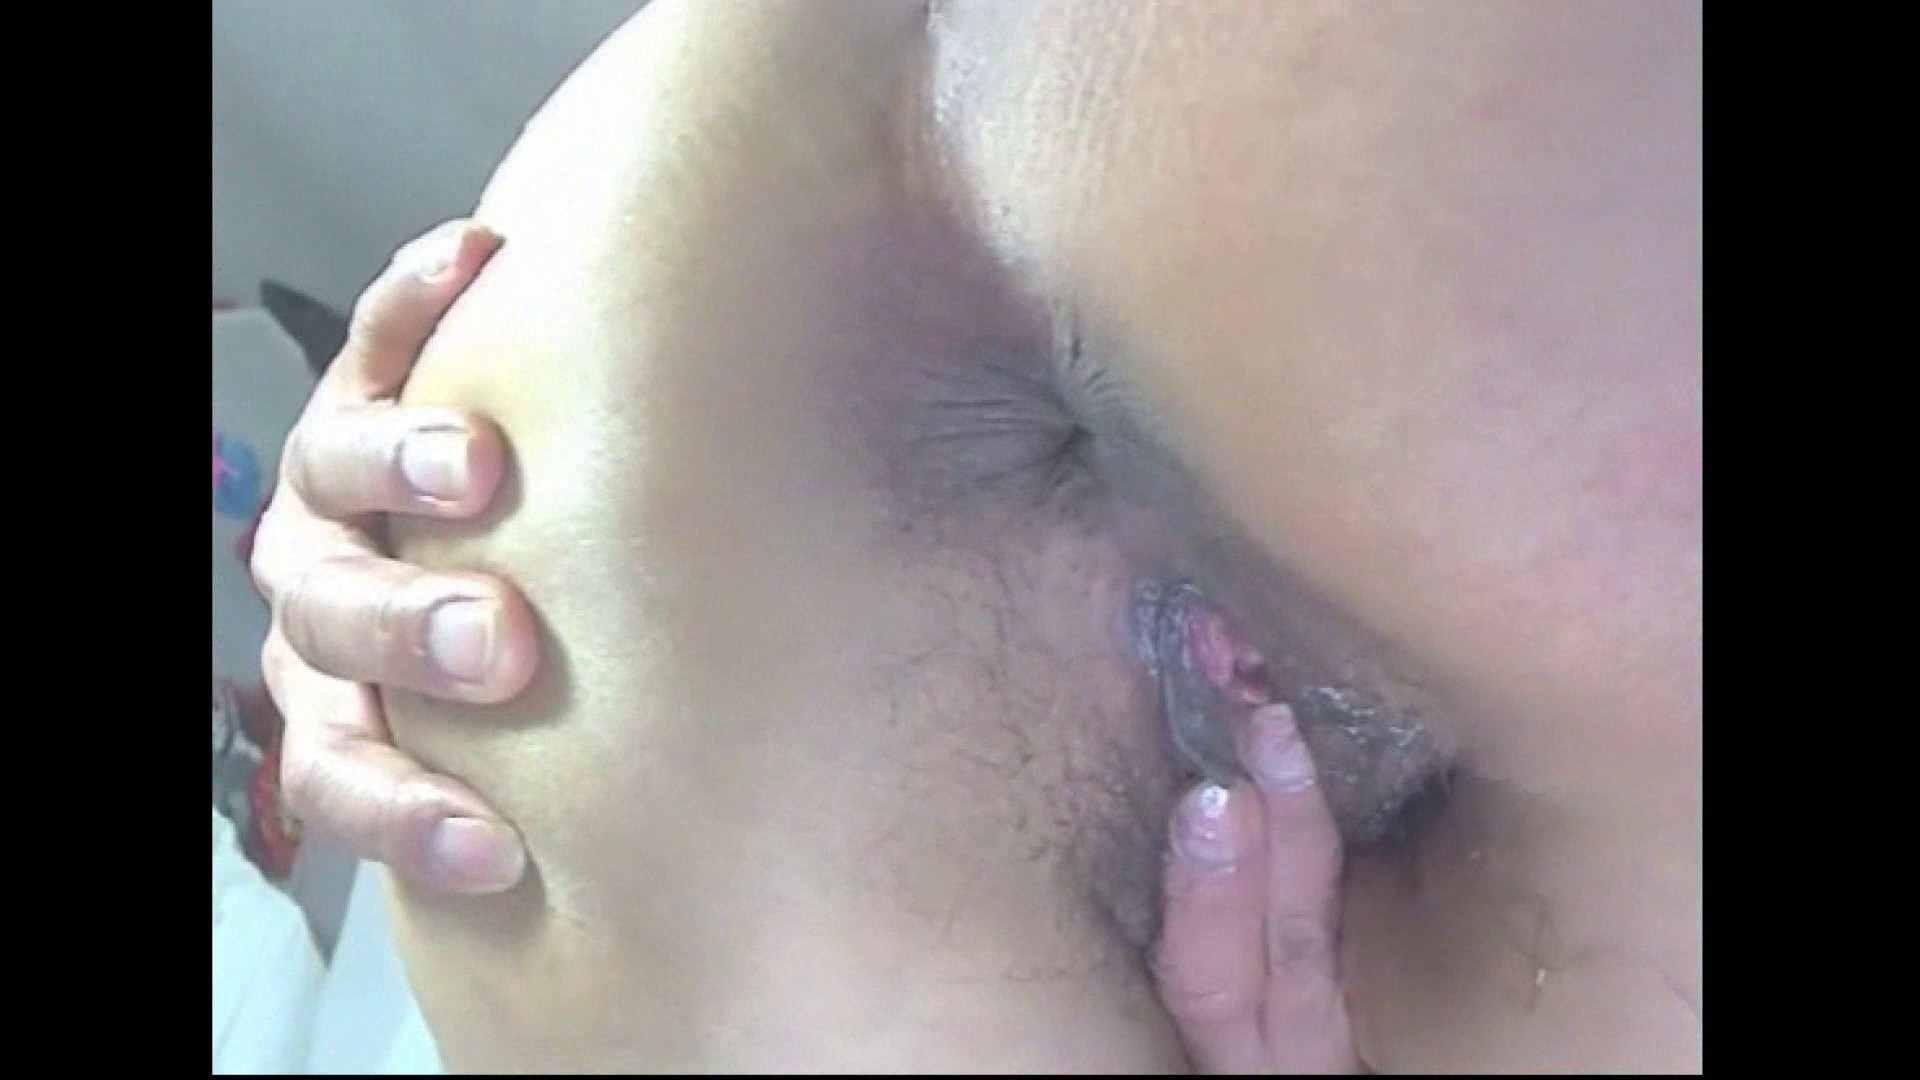 アヘ顔のわたしってどうかしら Vol.34 美女のエッチ 盗撮動画紹介 93pic 3